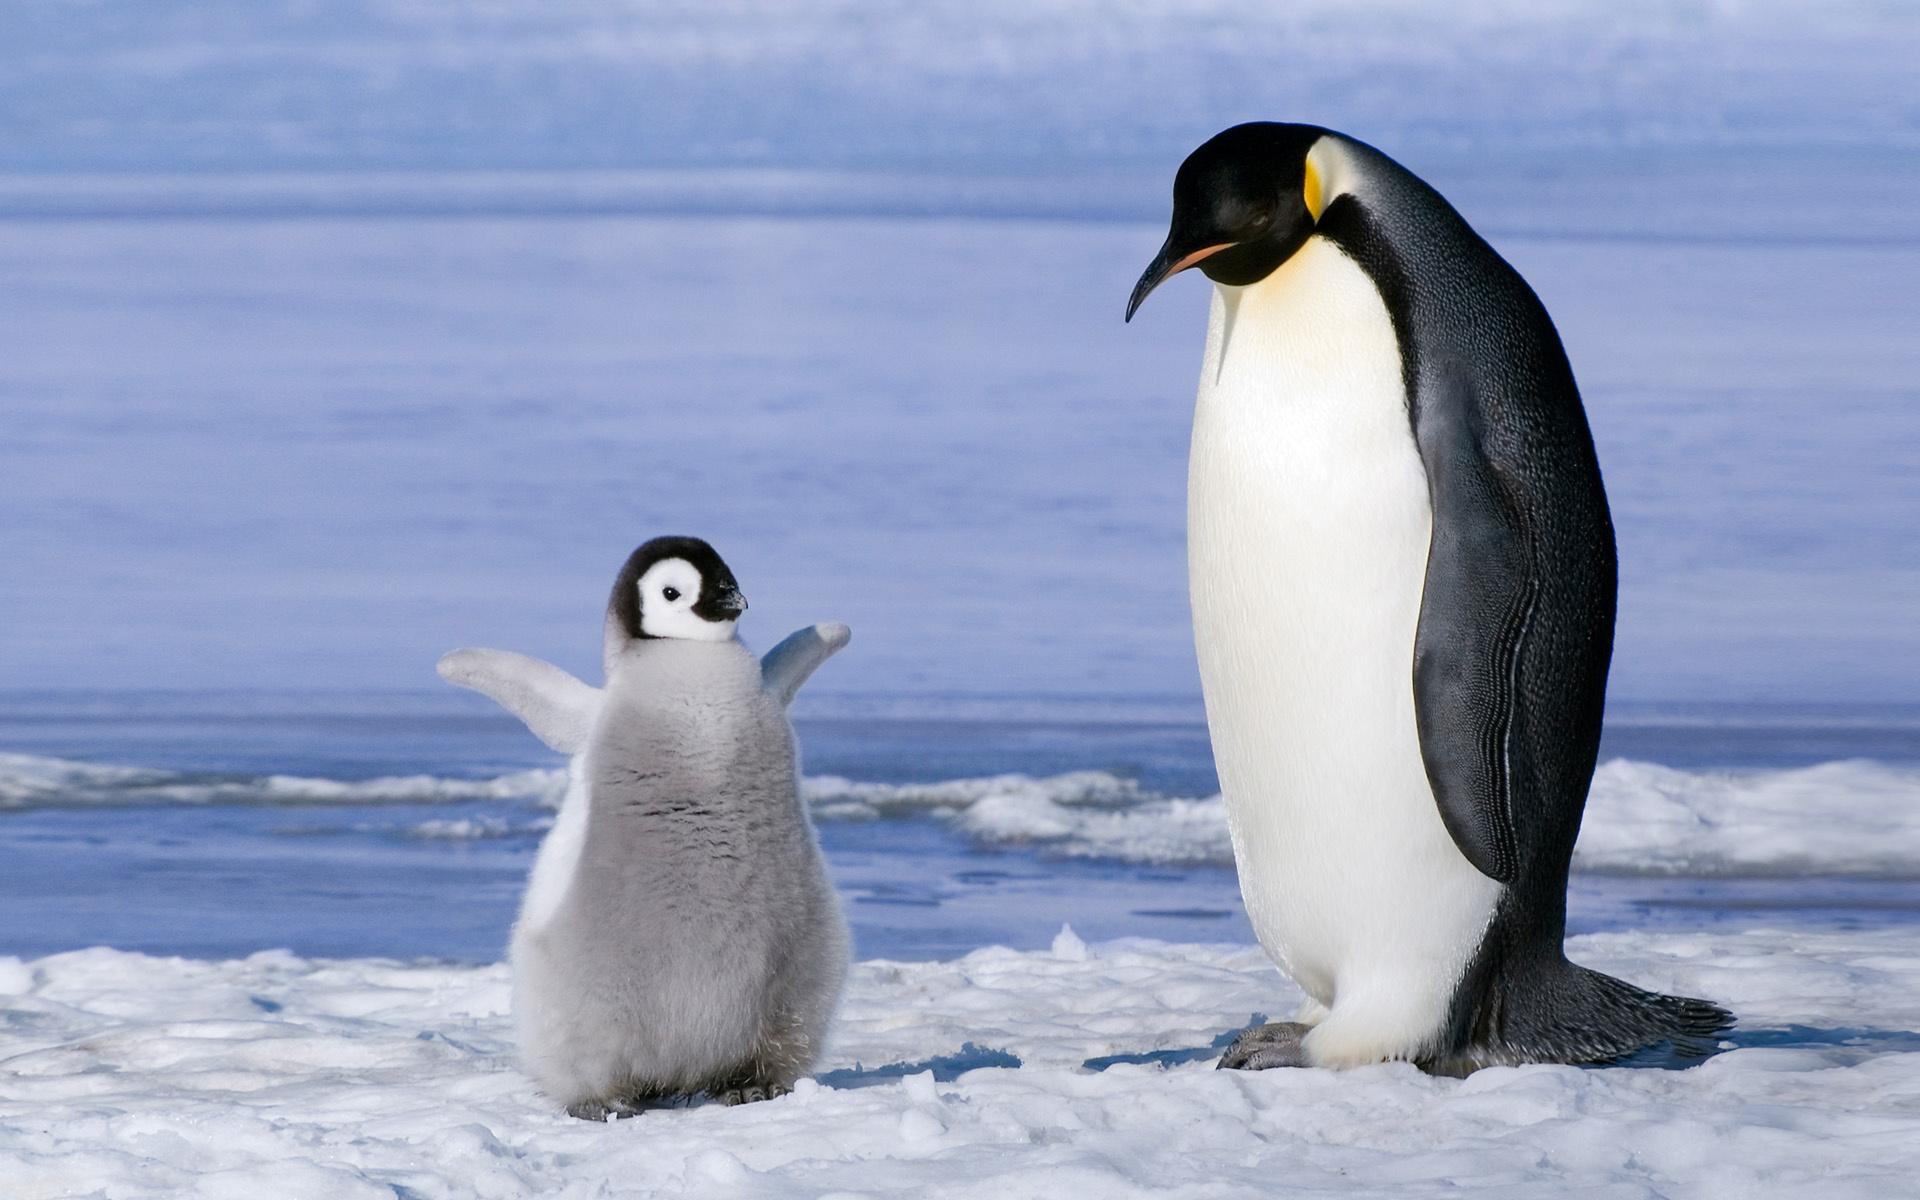 вынослив неприхотлив, картинка животные арктики и антарктики ресторане есть